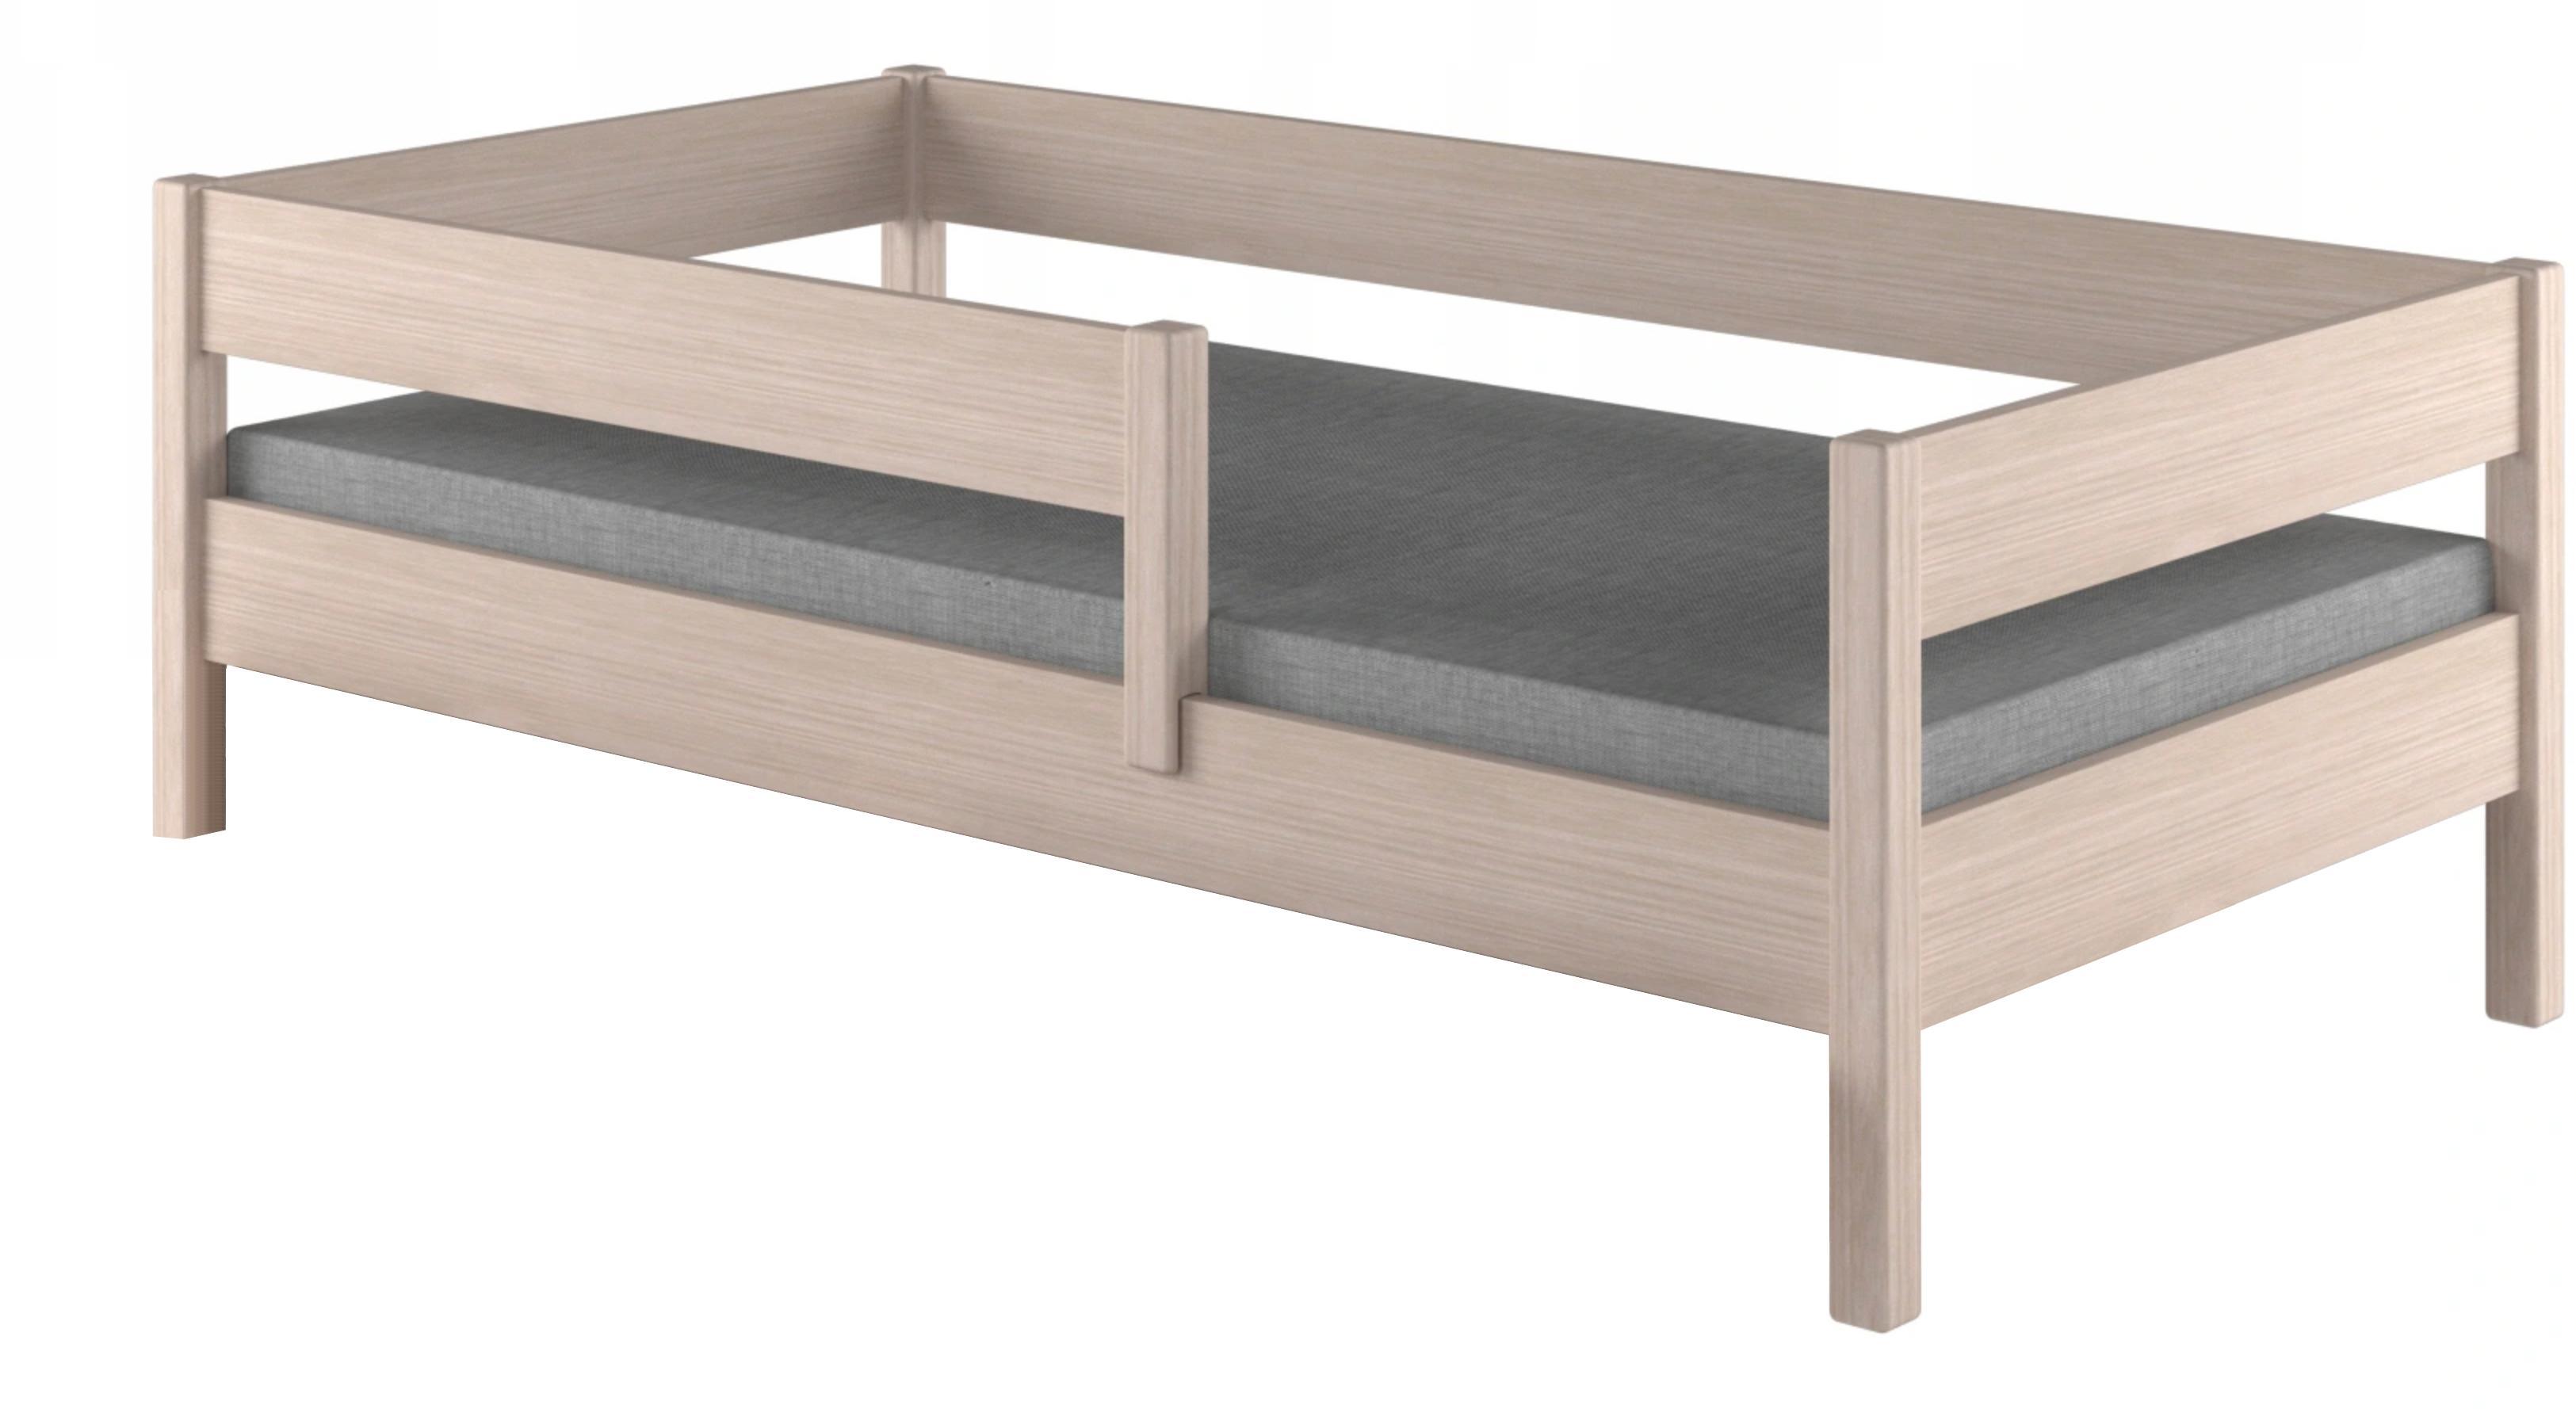 LU Detská posteľ Mix so zábranou - dub bielený Rozmer: 140x70